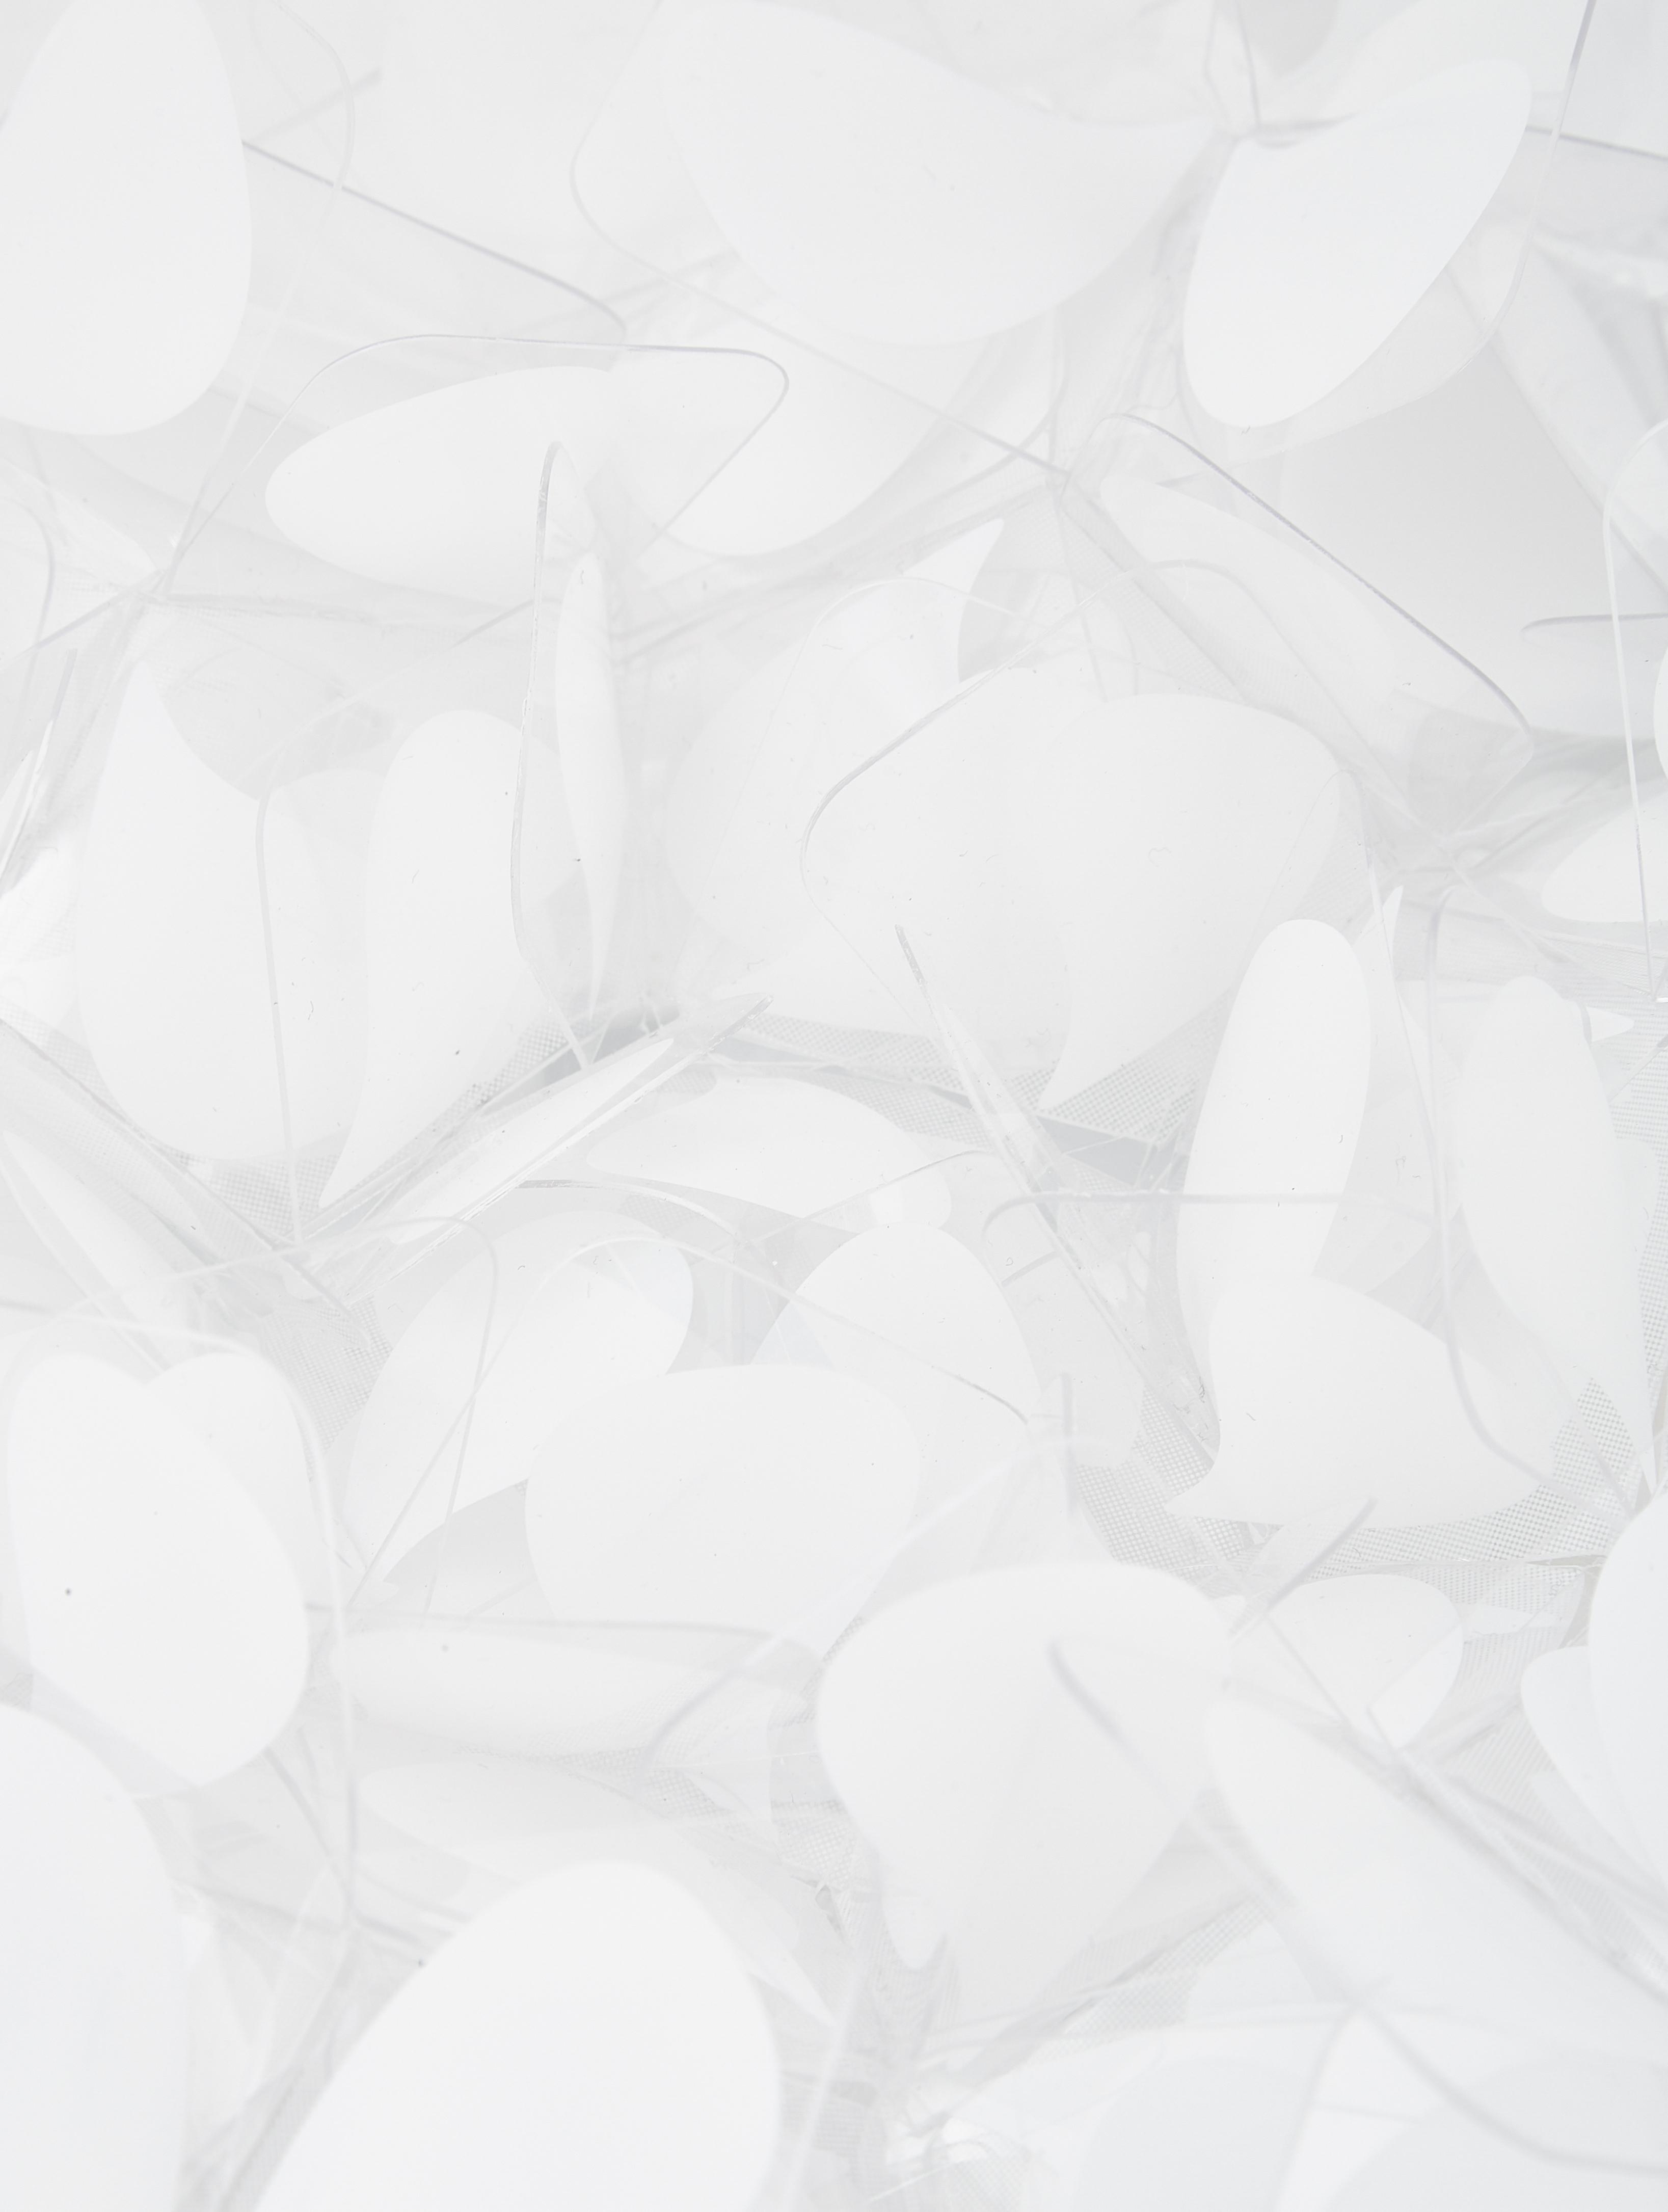 Lampada da parete e soffitto Clizia Mama Non Mama, Tecnopolimero Opalflex®, riciclabile, infrangibile, flessibile, con rivestimento antistatico, resistente ai raggi UV e al calore, Bianco, grigio, Ø 53 x Prof. 20 cm